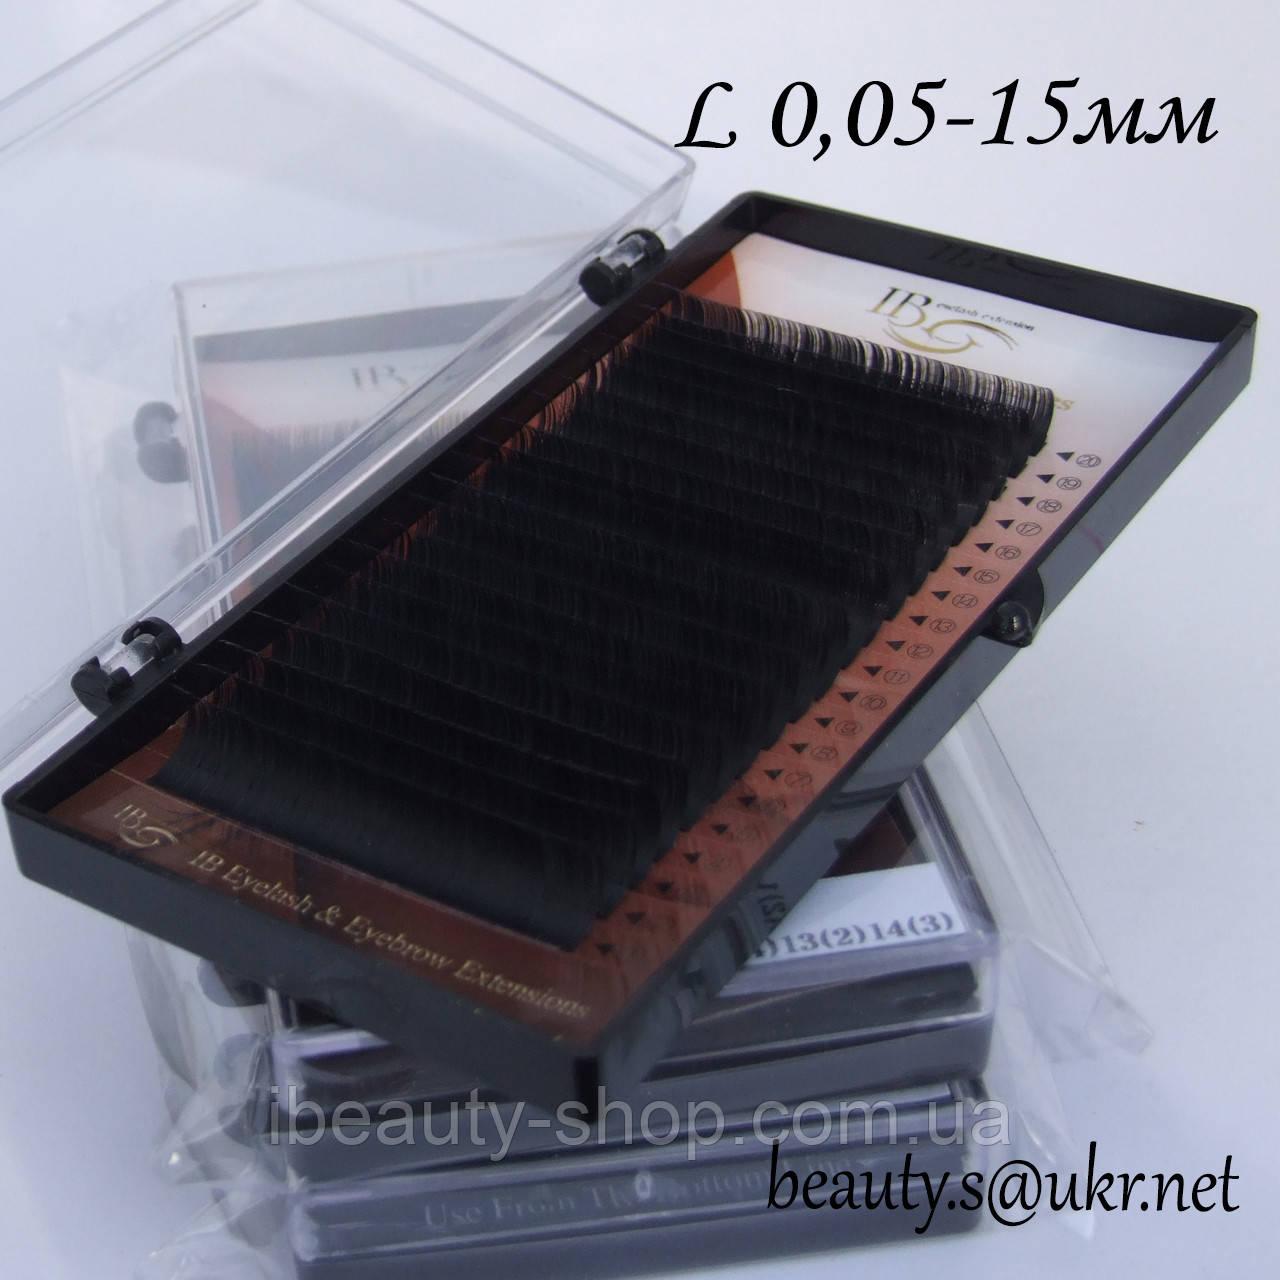 Ресницы  I-Beauty на ленте L-0,05 15мм